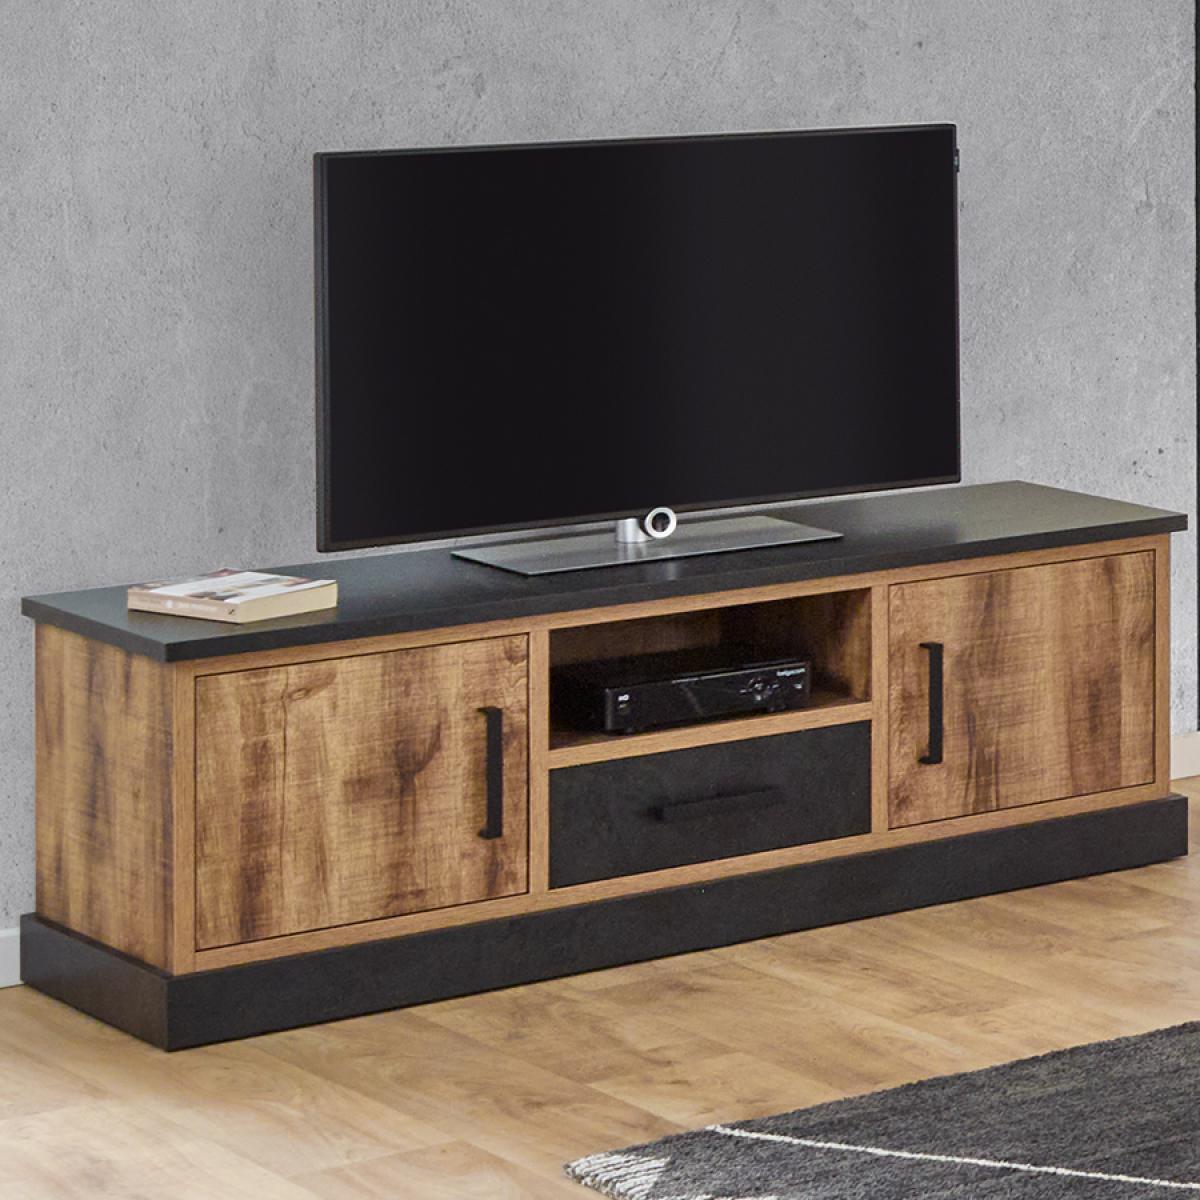 Nouvomeuble Banc TV 140 cm couleur bois foncé OSWALD